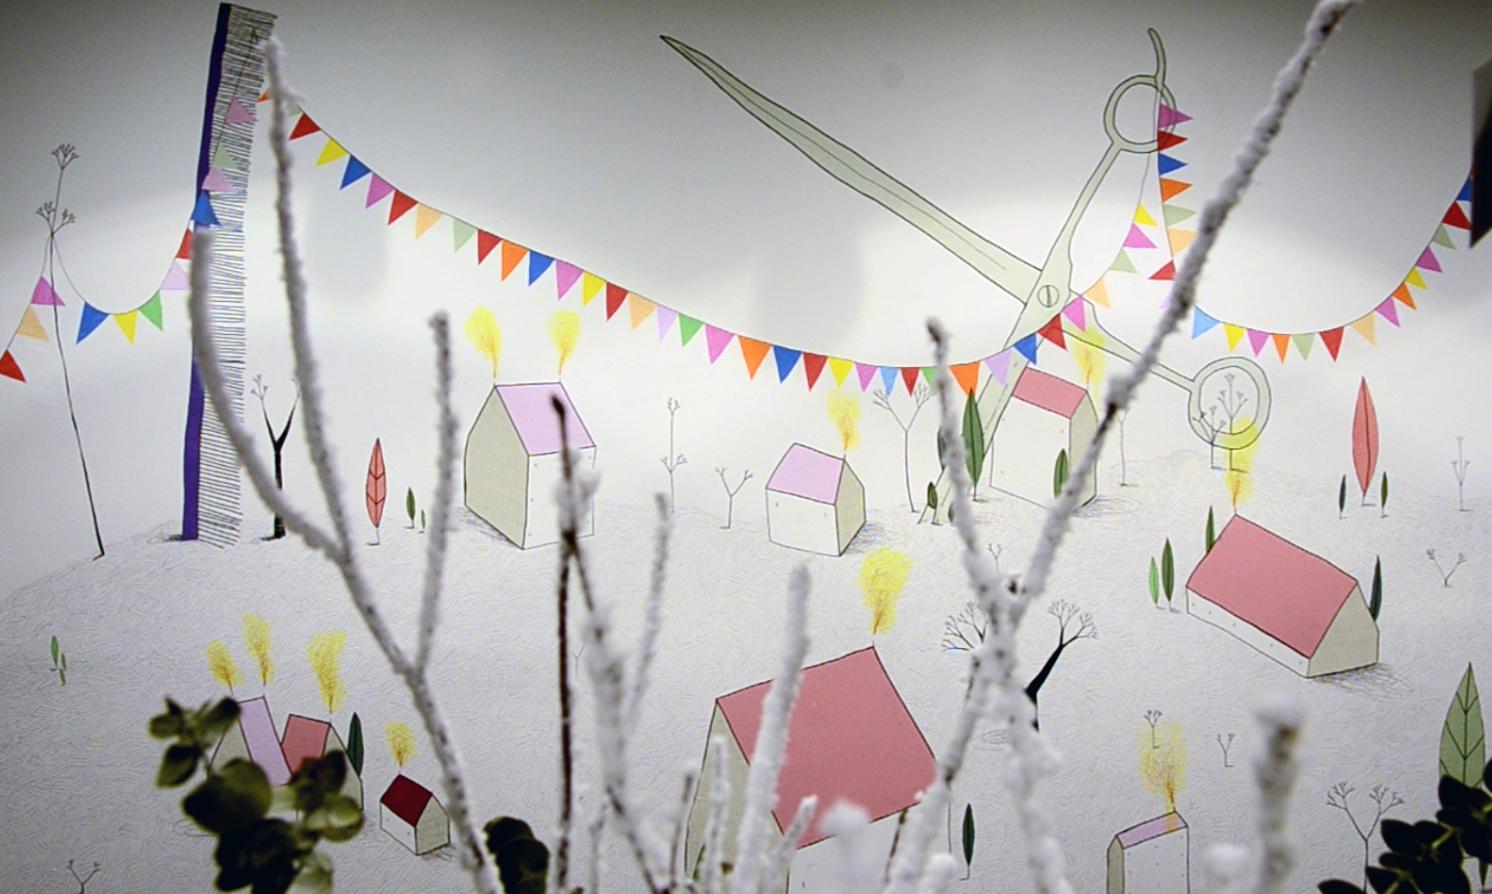 Exhibition in Dtox